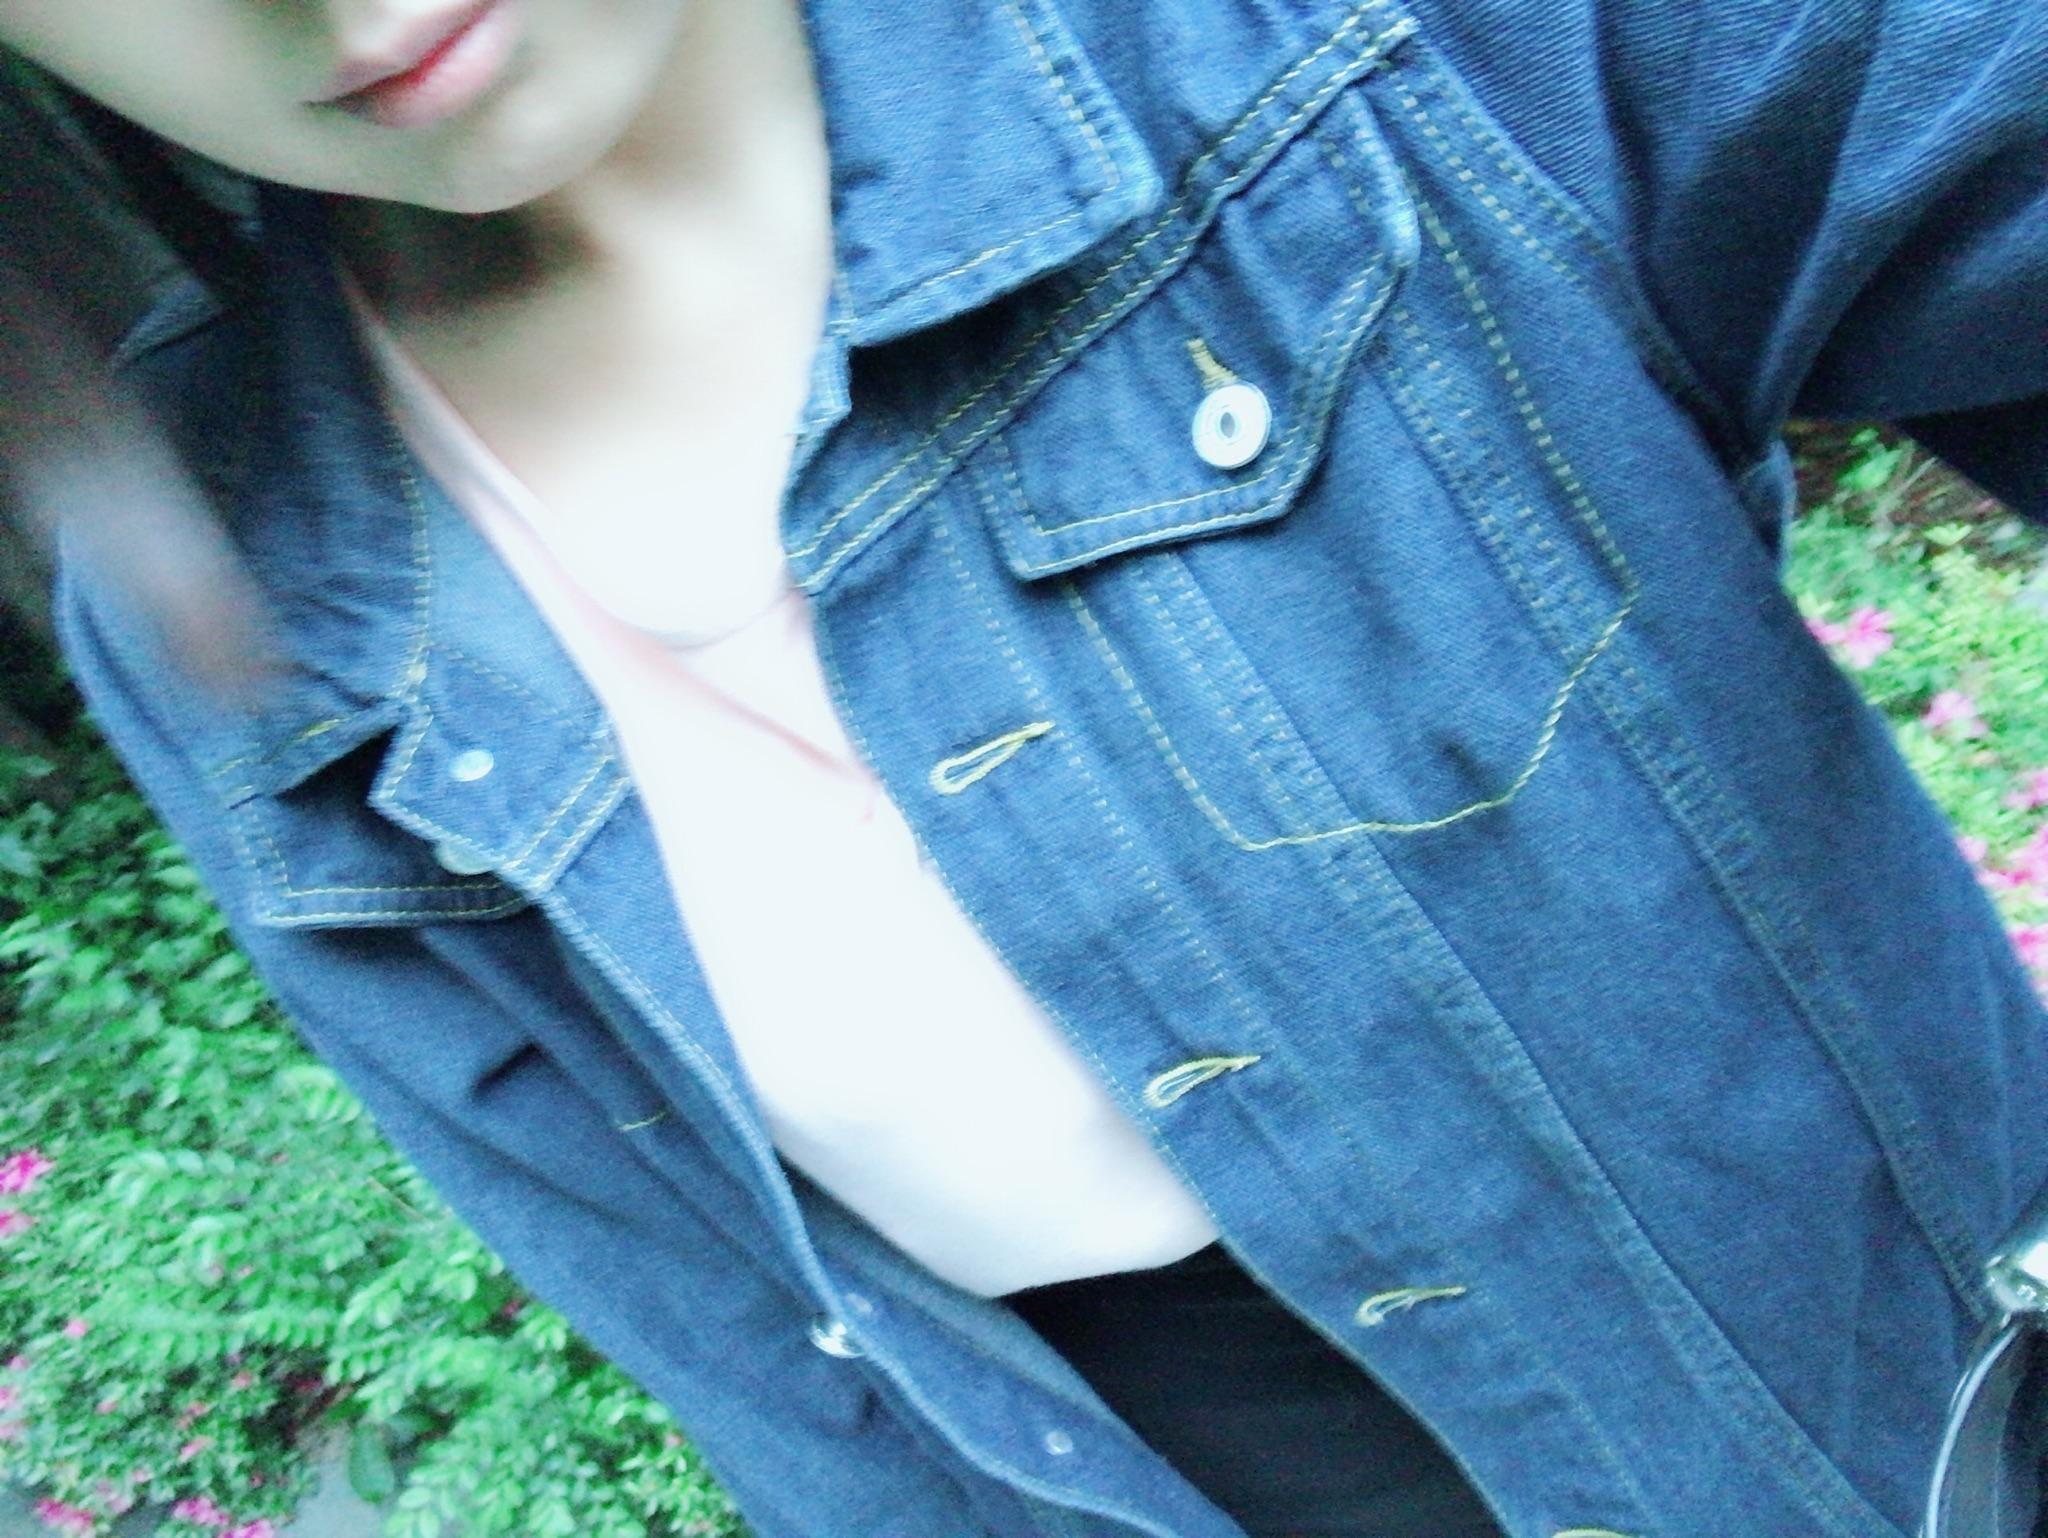 「▽ご自宅のお兄様」05/20(日) 05:23 | はのんの写メ・風俗動画